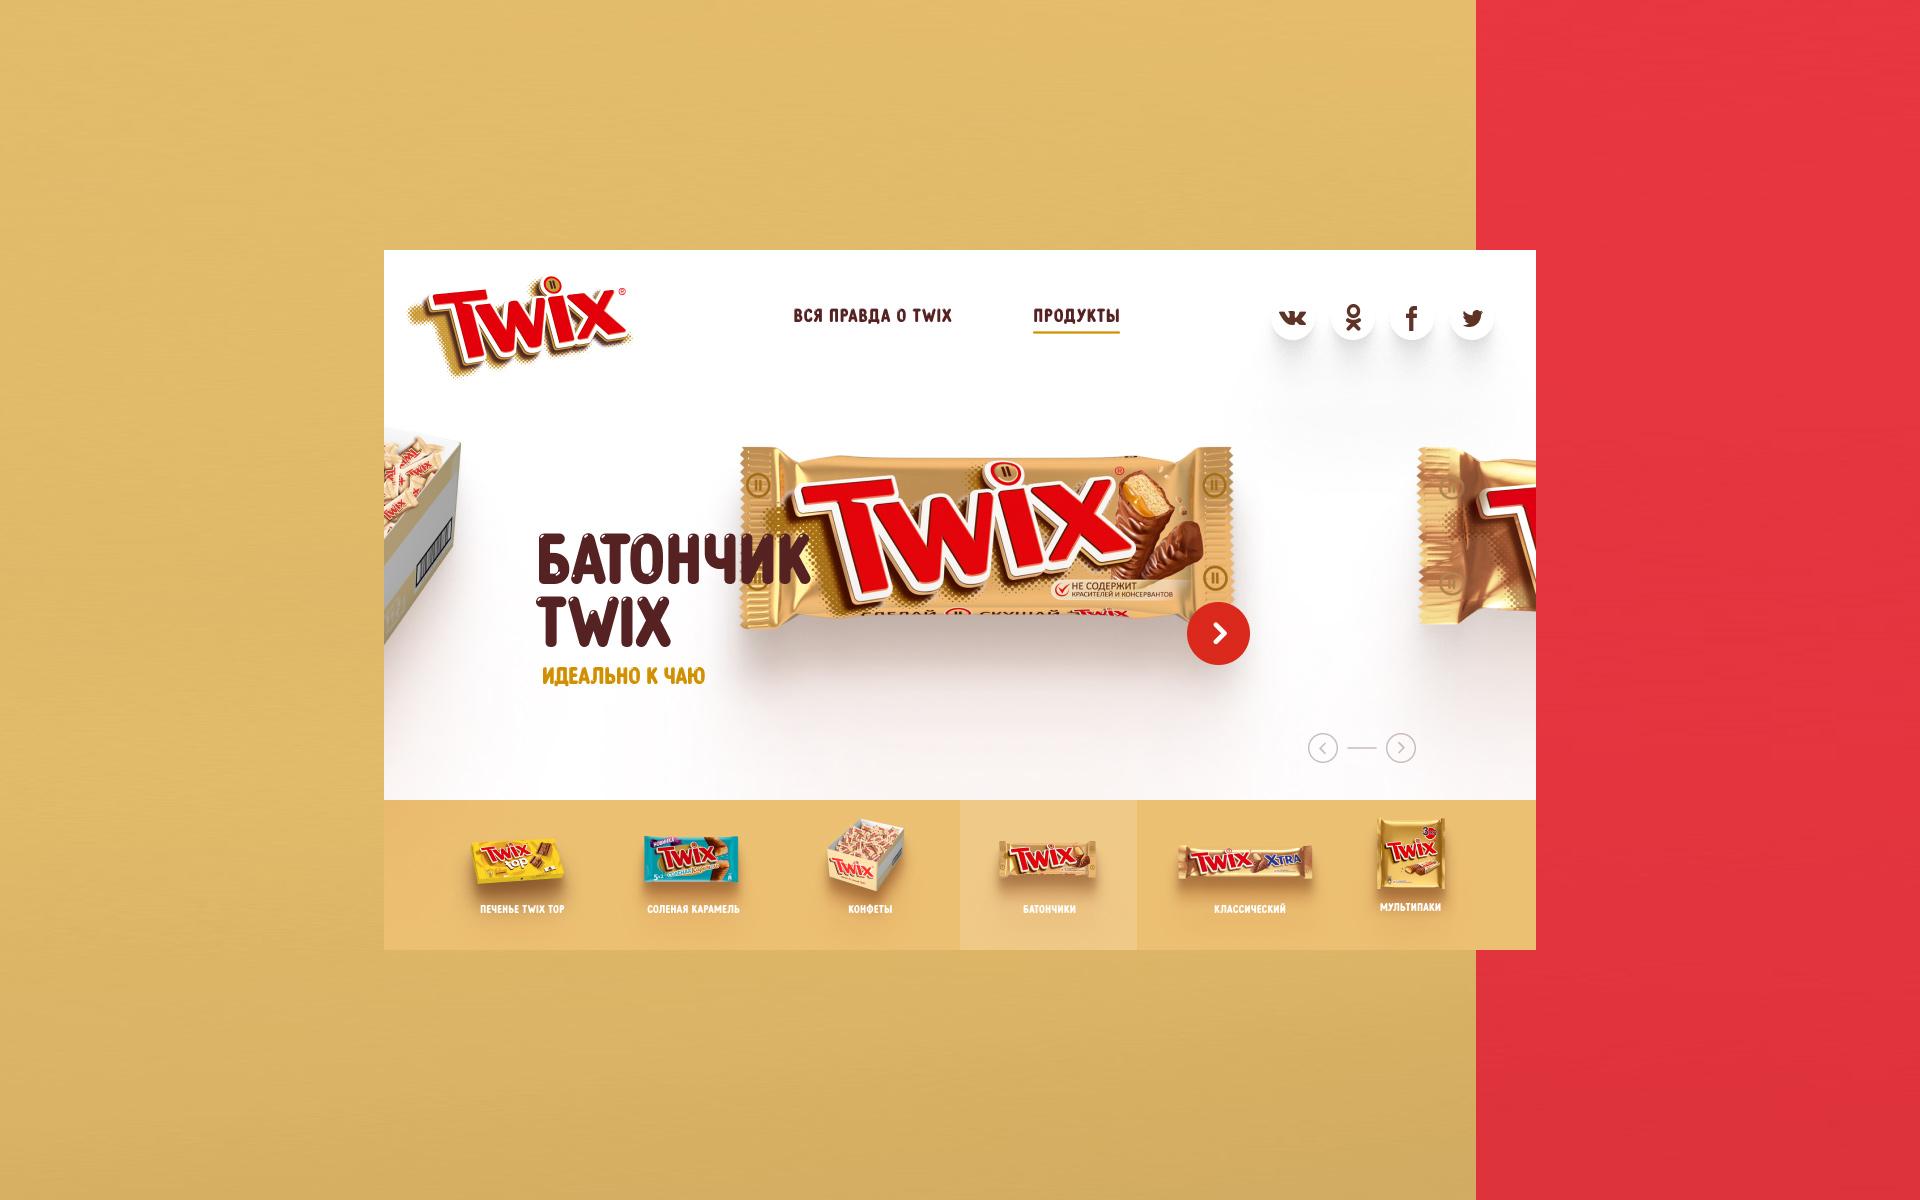 Twix product